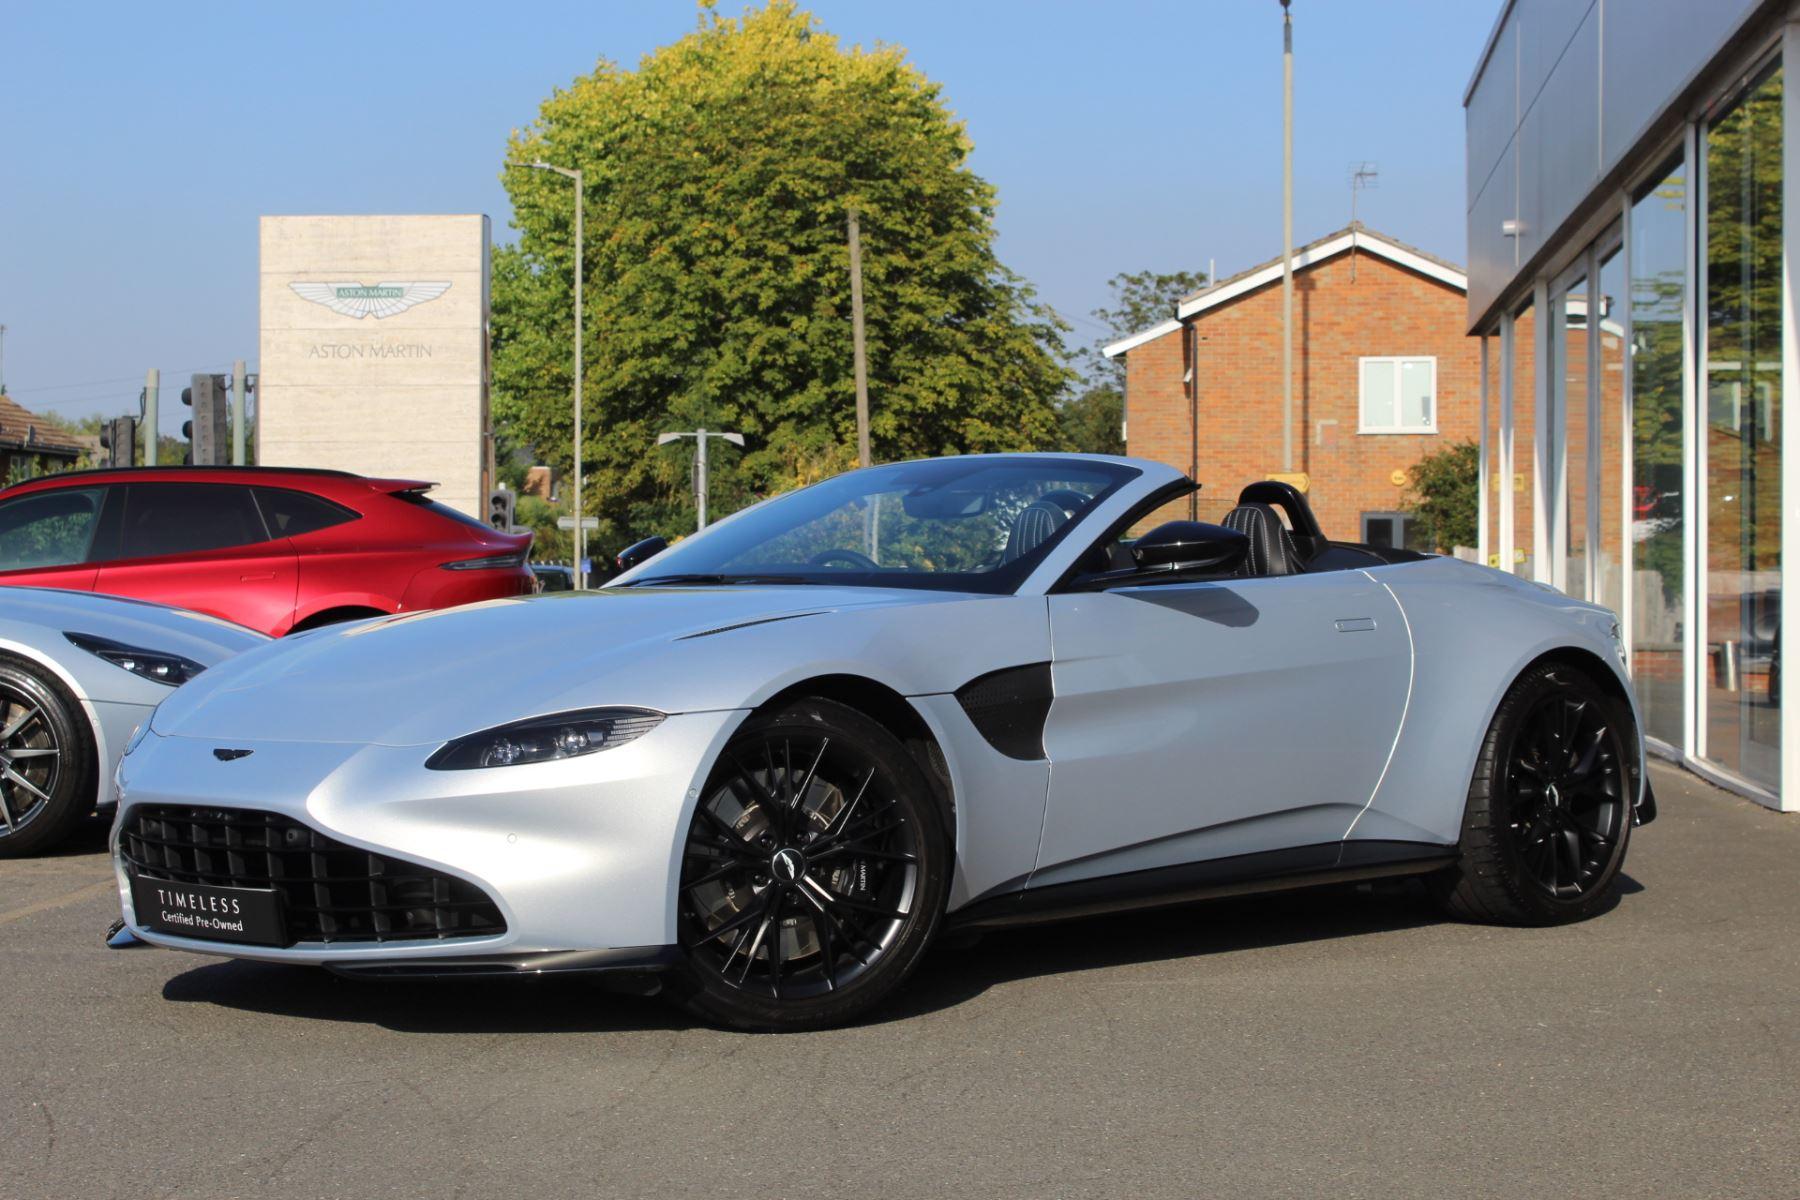 Aston Martin New Vantage Roadster Roadster   1 owner Grange Supplied  image 1